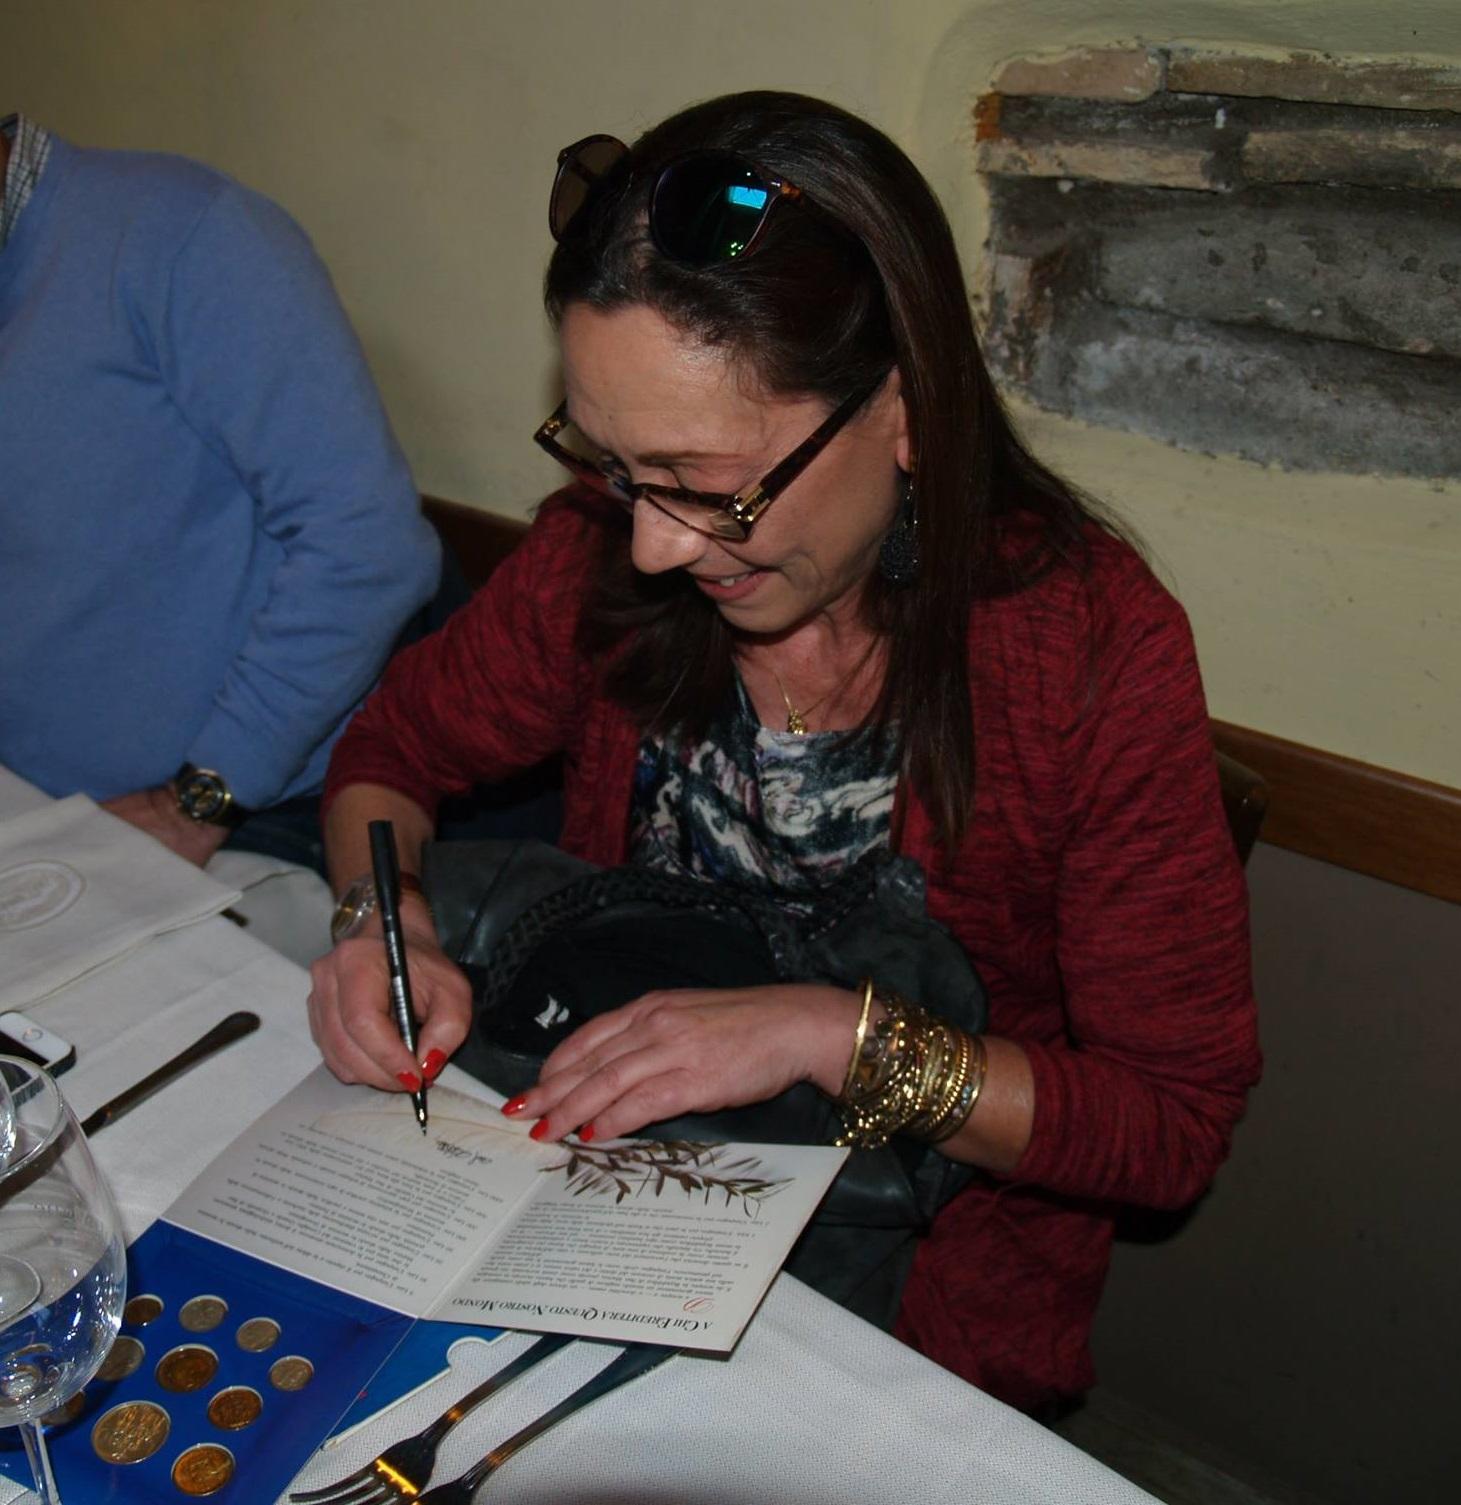 Loredana Pancotto autografa una delle sue divisionali realizzate per San Marino ad un incontro con alcuni appassionati collezionisti